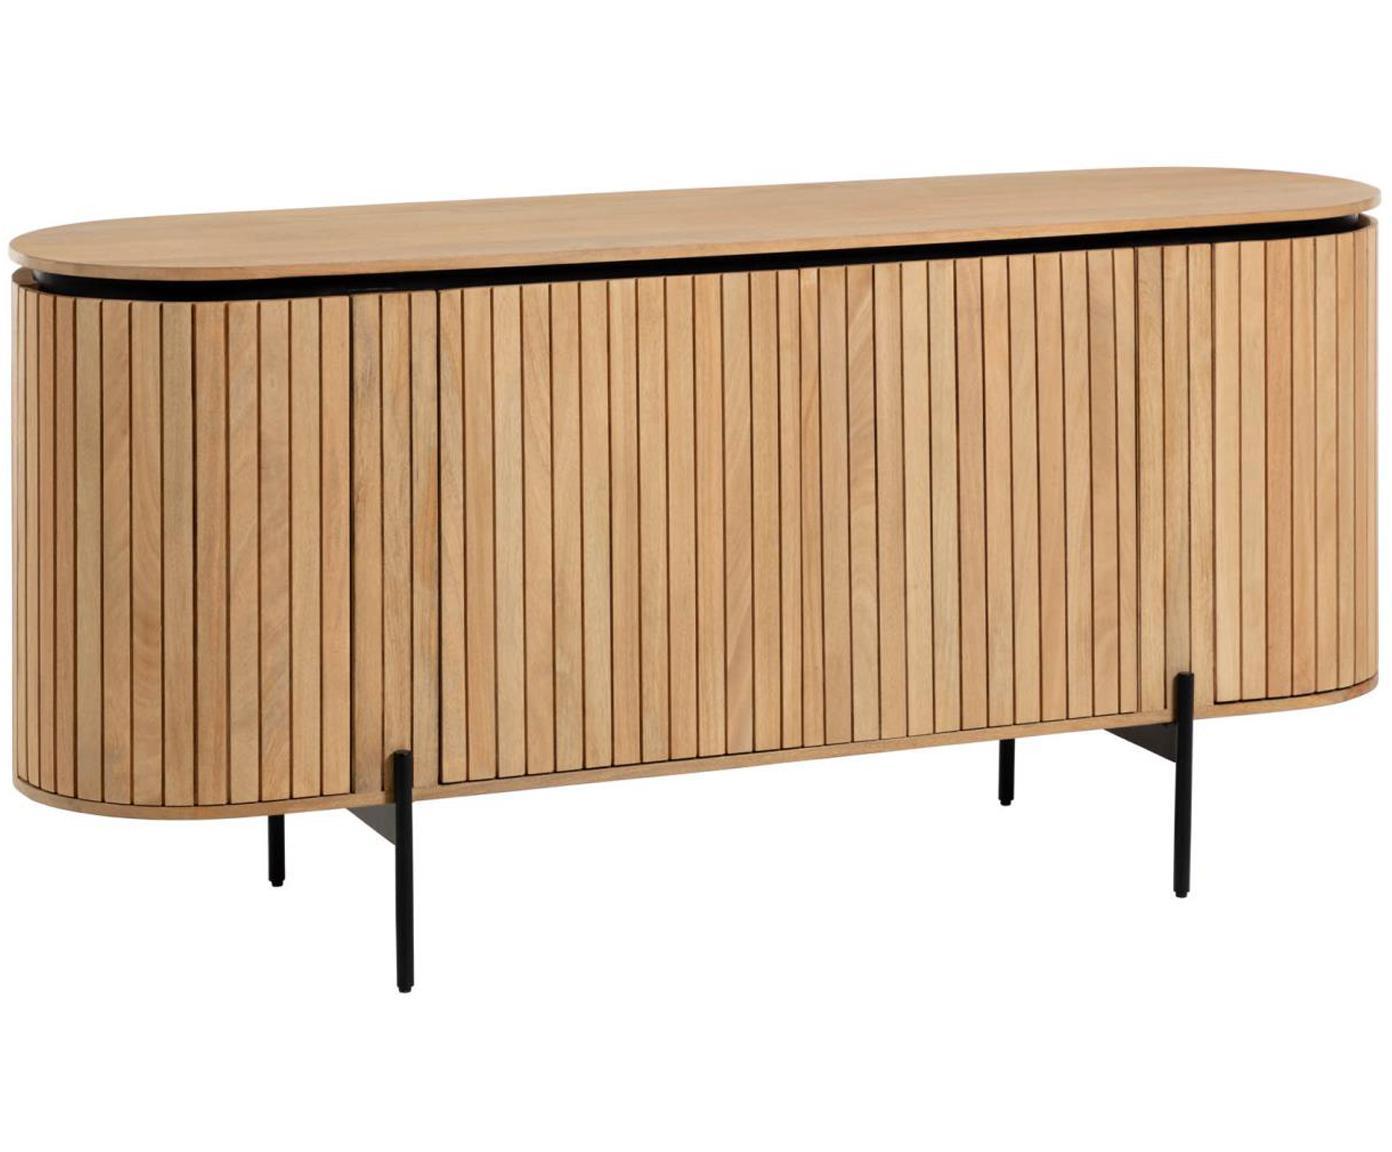 Komoda z drewna z drzwiczkami Licia, Korpus: drewno mangowe, polerowan, Nogi: metal lakierowany, Beżowy, czarny, S 170 x W 80 cm